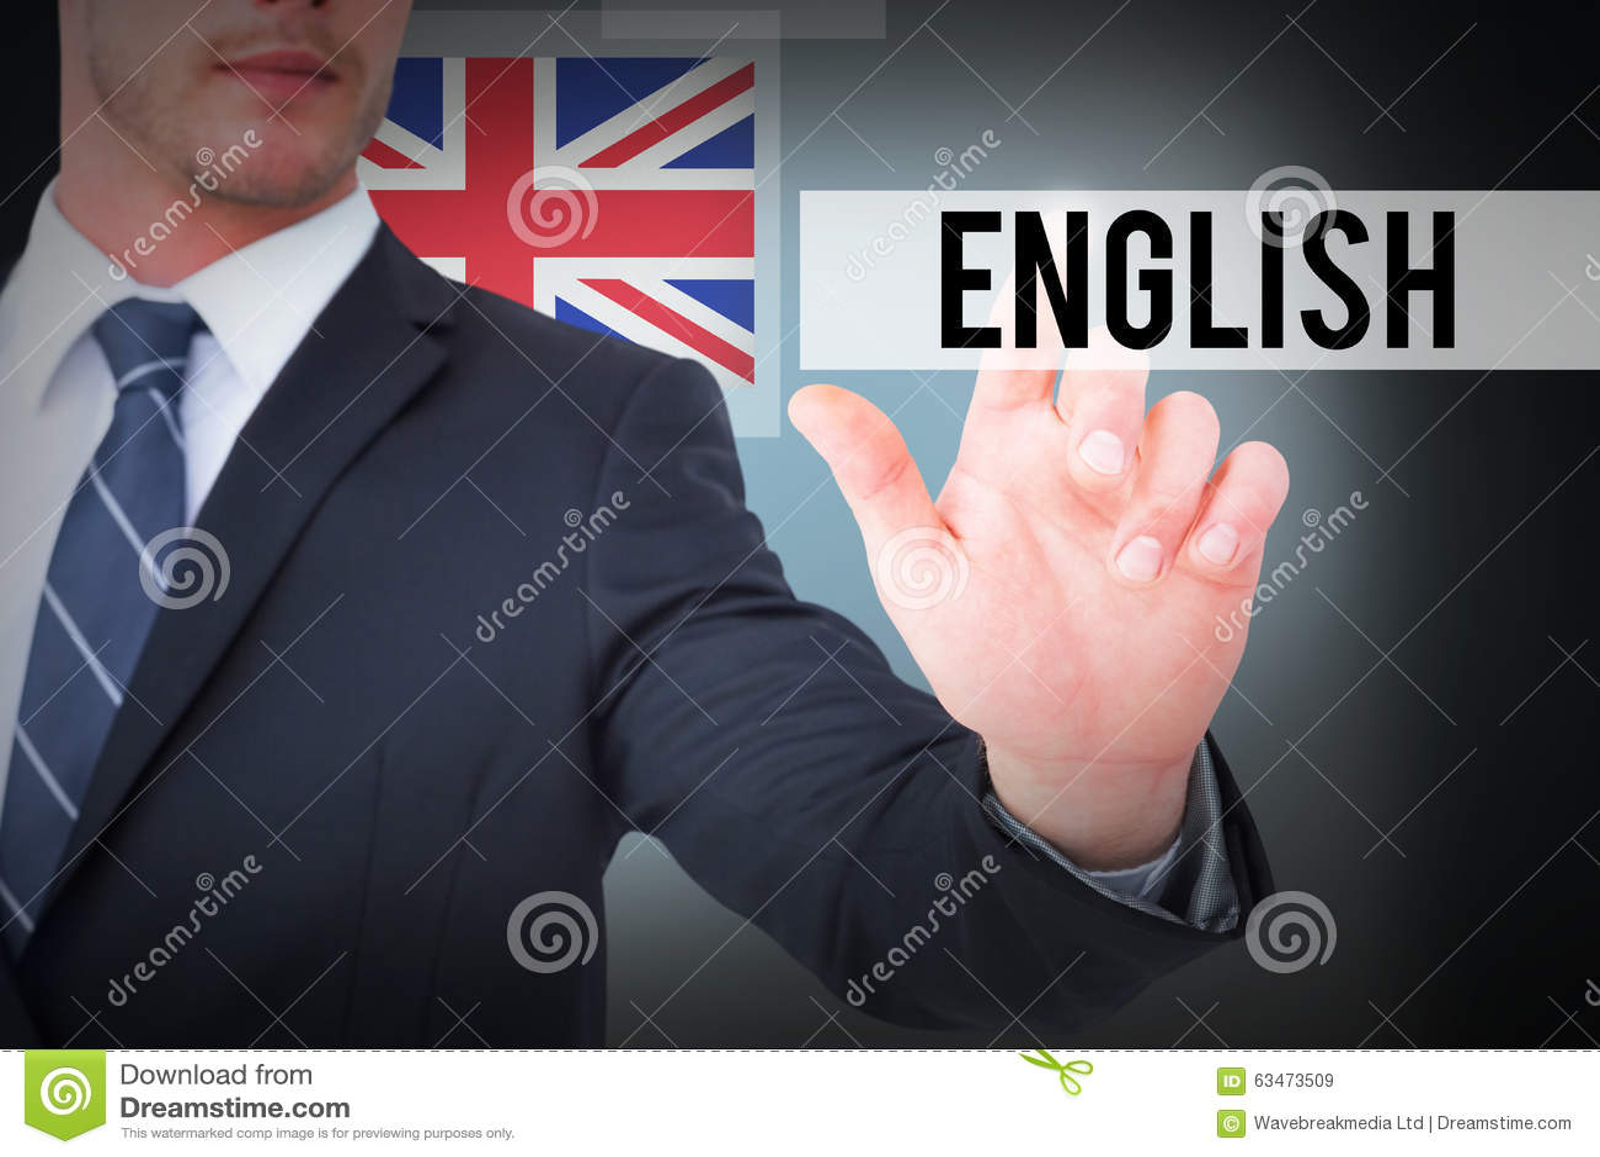 Inglese contro fondo blu con la scenetta